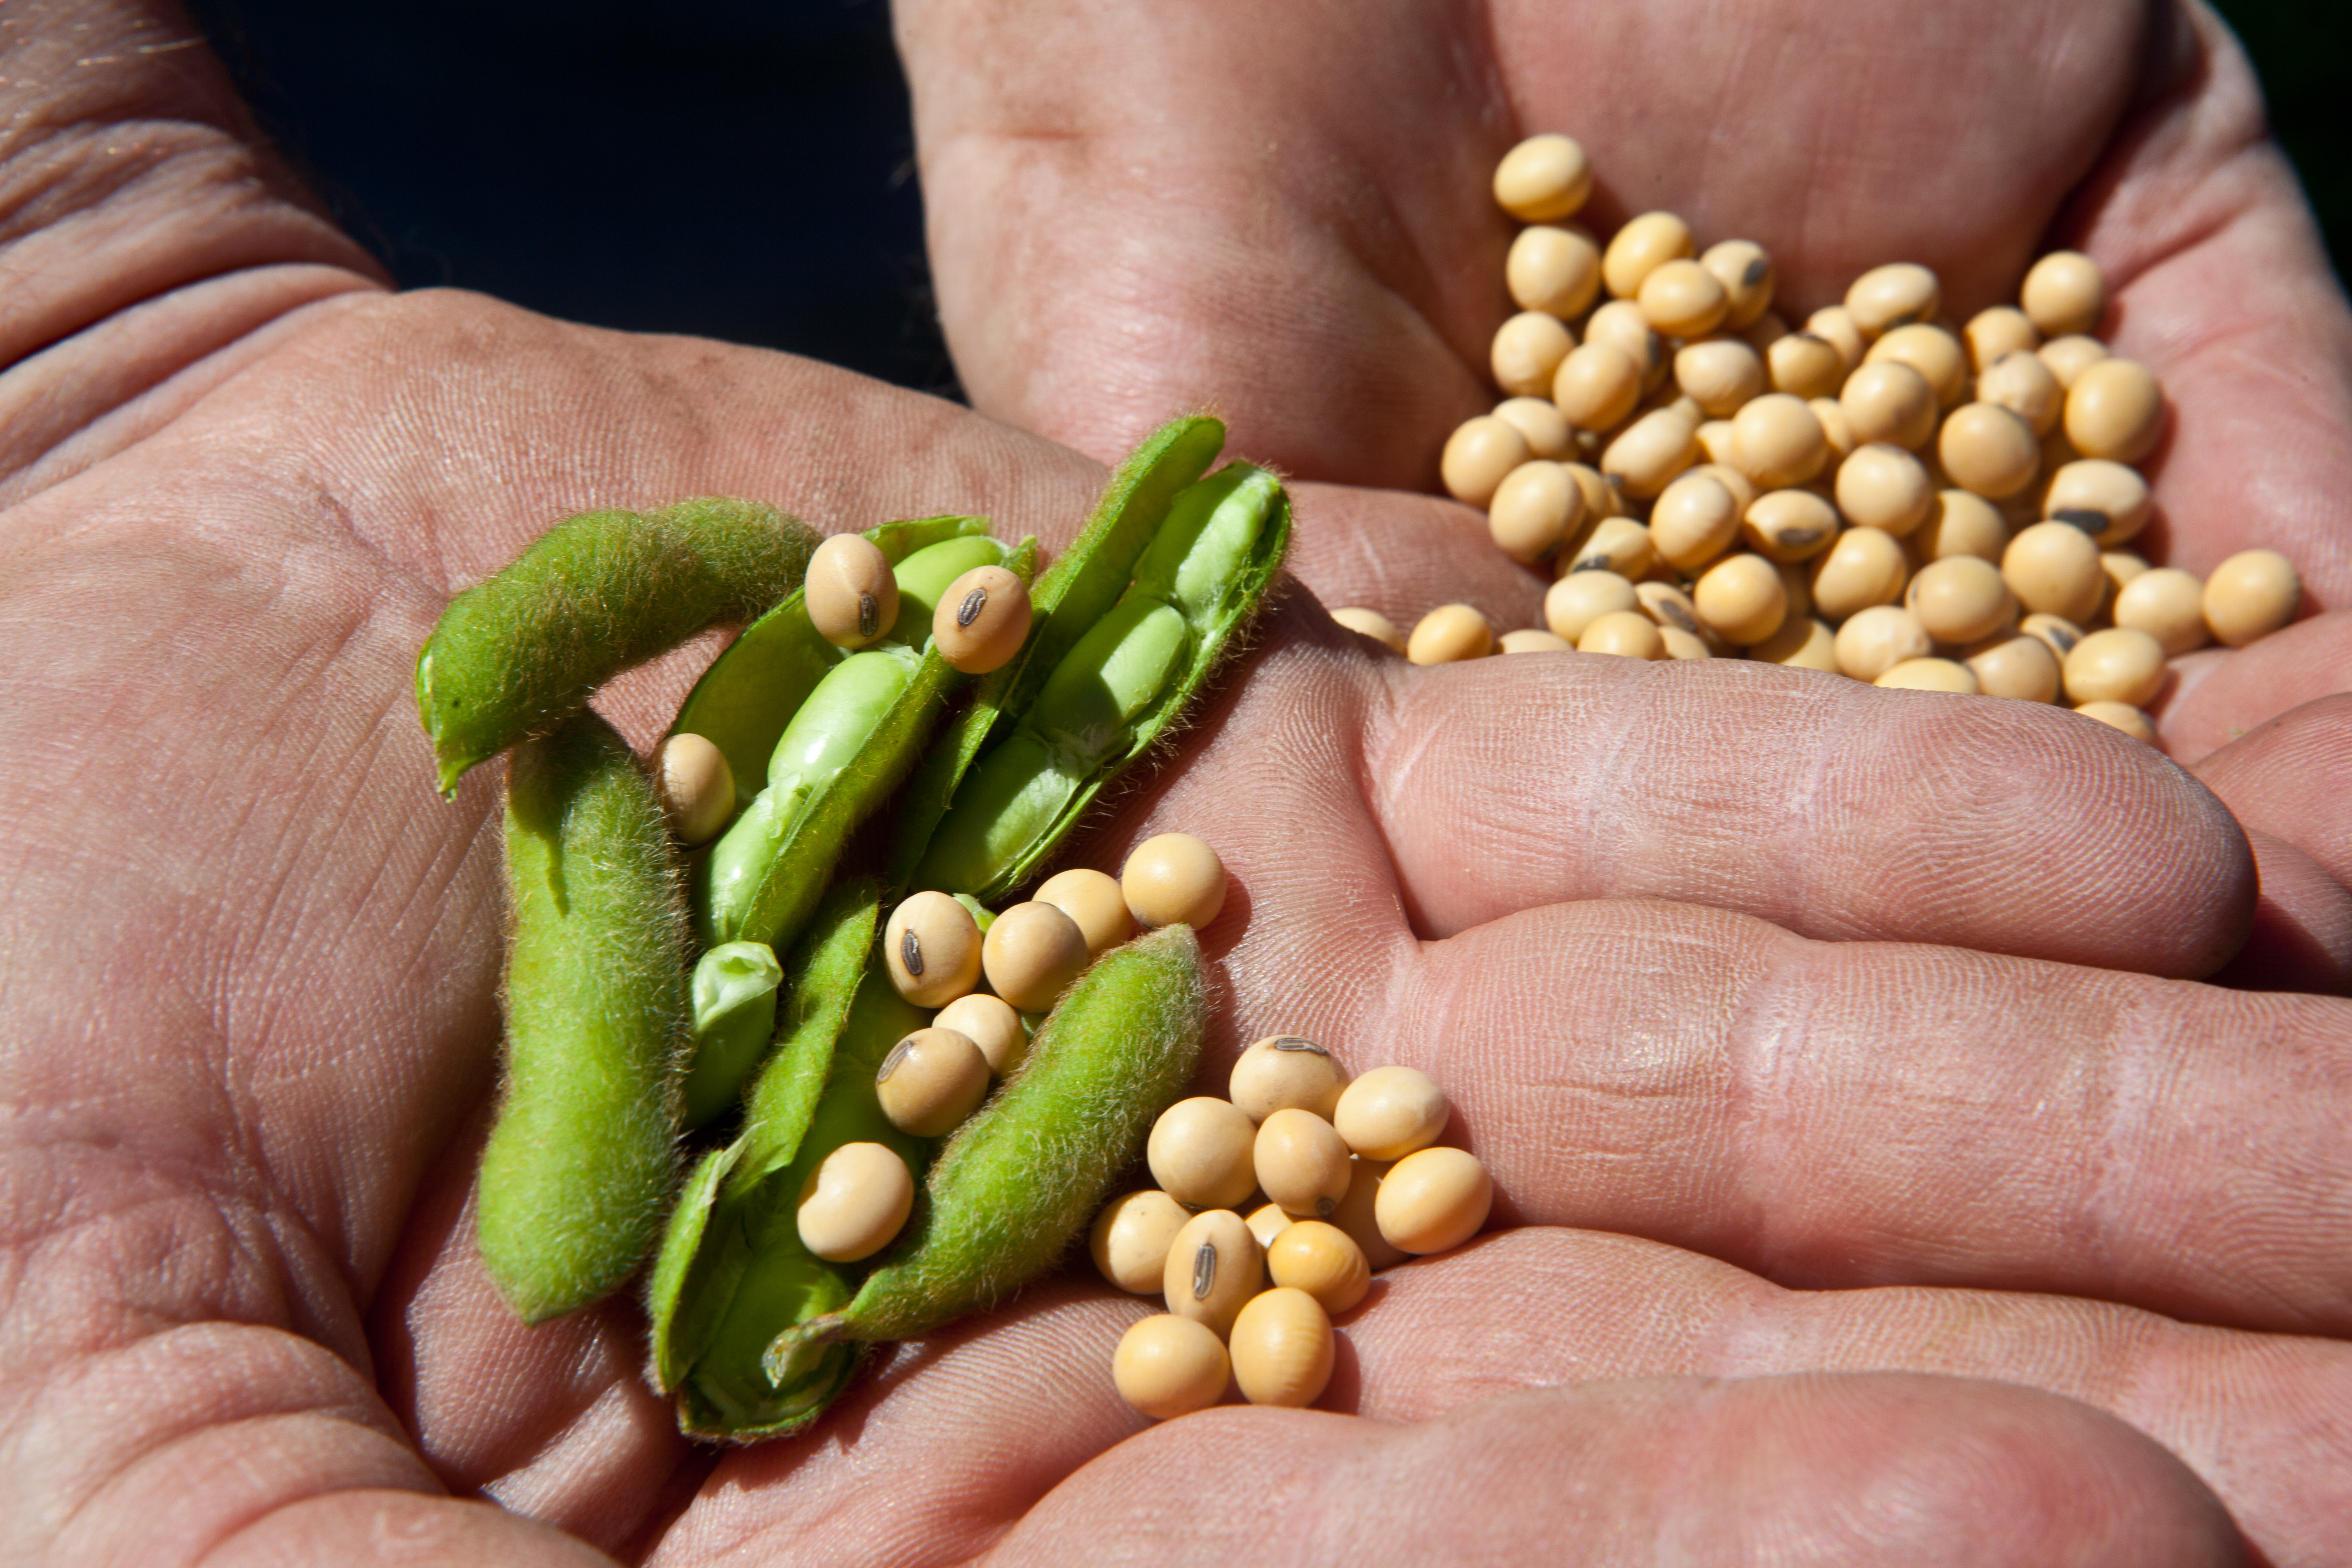 Agro da plazo de 72 horas al Gobierno para liberar la exportación de soya